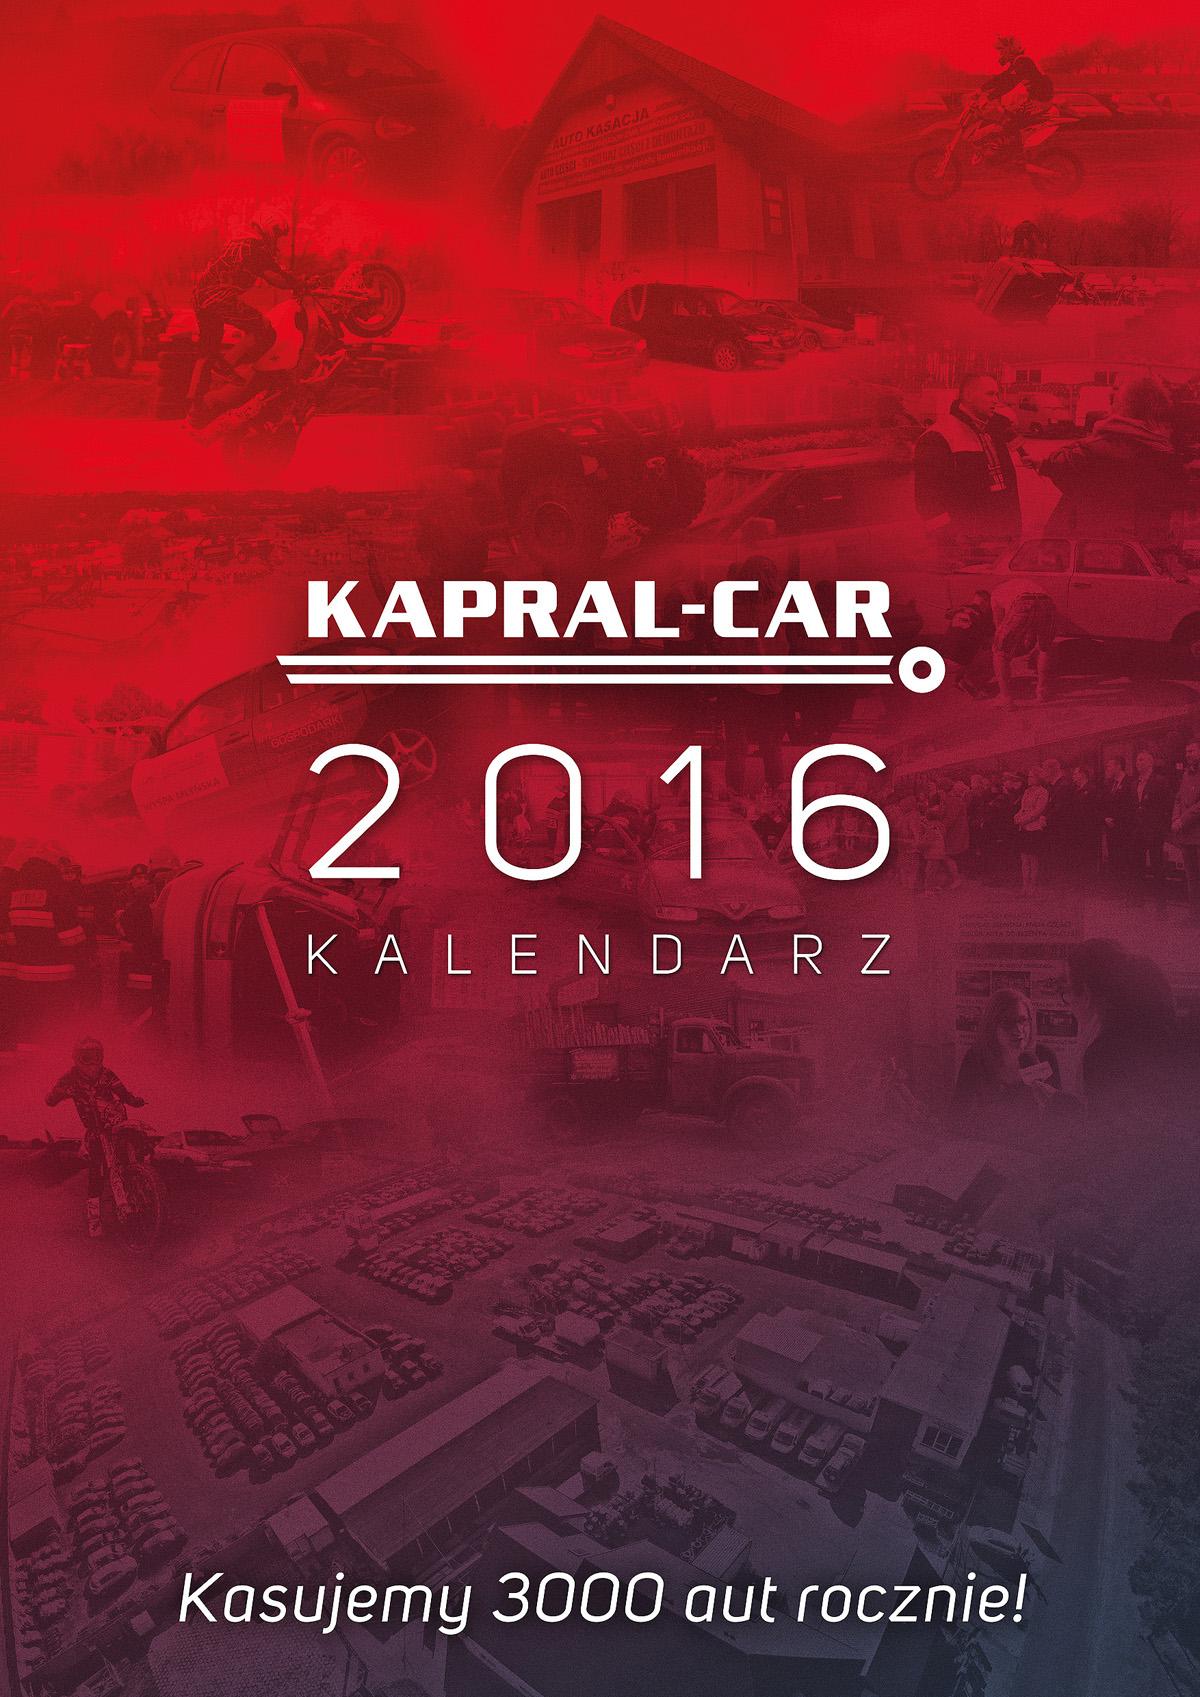 Kalendarz Kapral-Car 2016 Okładka